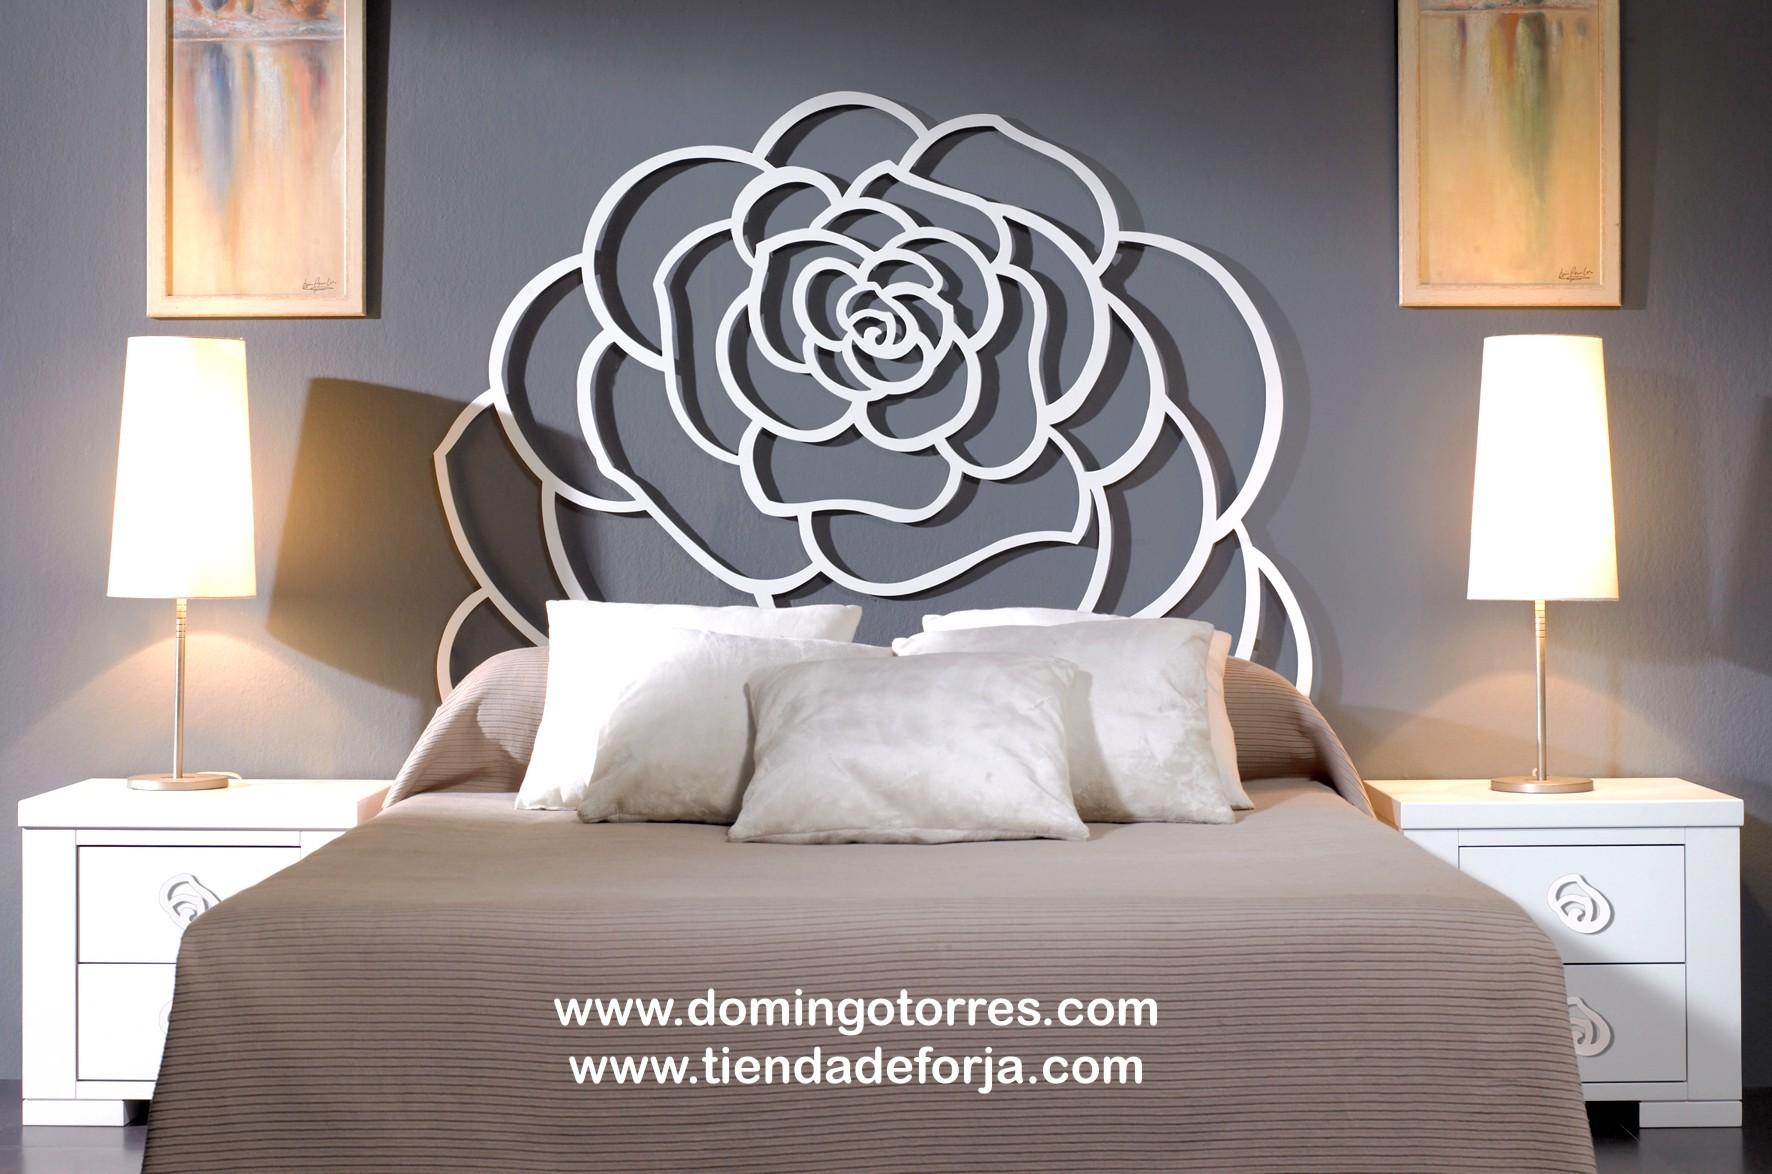 cabezal cabecero y cama de forja con forma de rosa c 117 domingo torres sl tienda de forja y decoracin